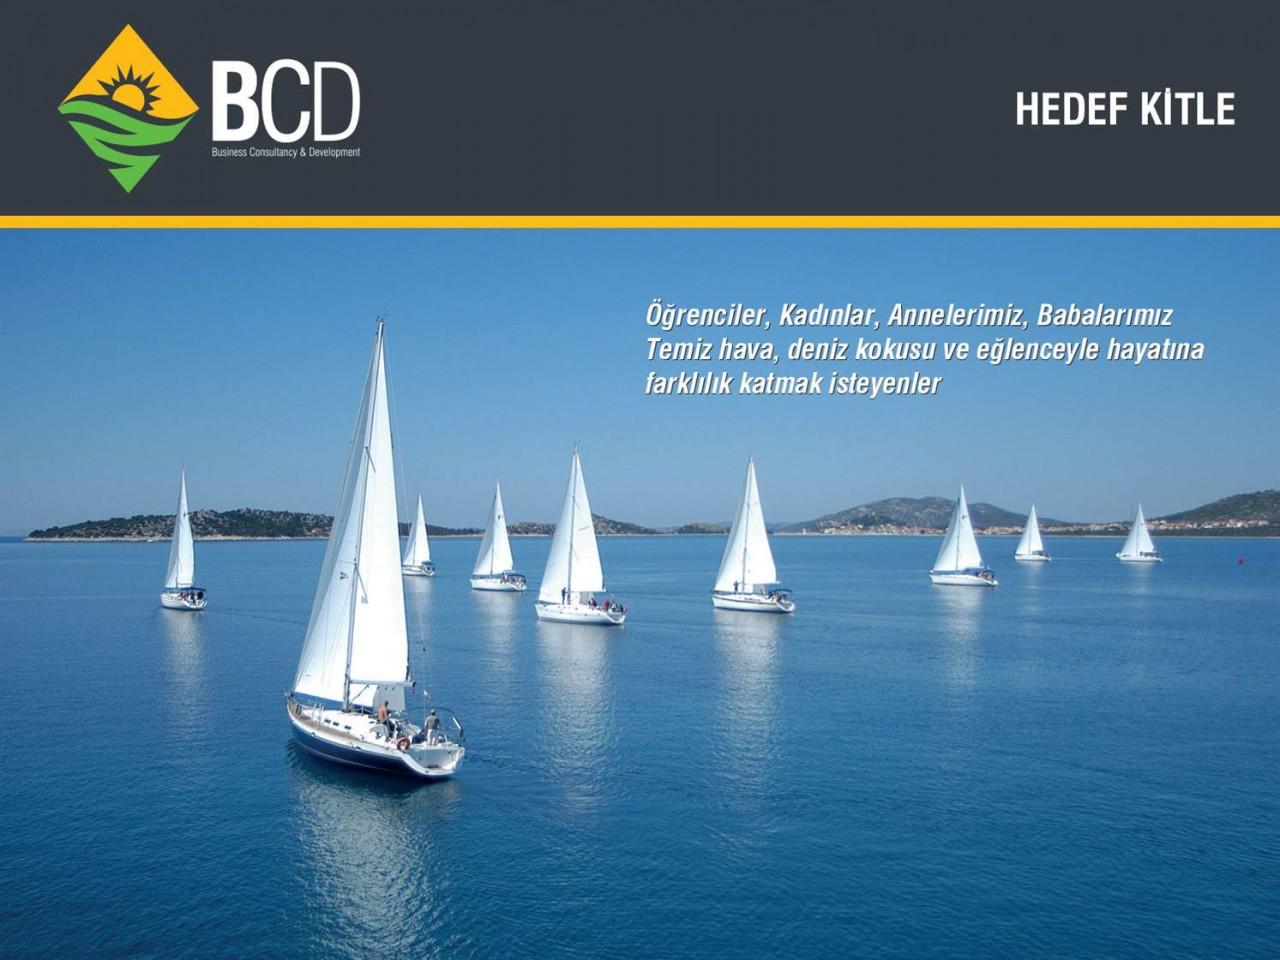 bcdturkey yelken liderlik takim ruhu 3 Yelkenli Tekne ile Liderlik ve Takım Ruhu Eğitimi